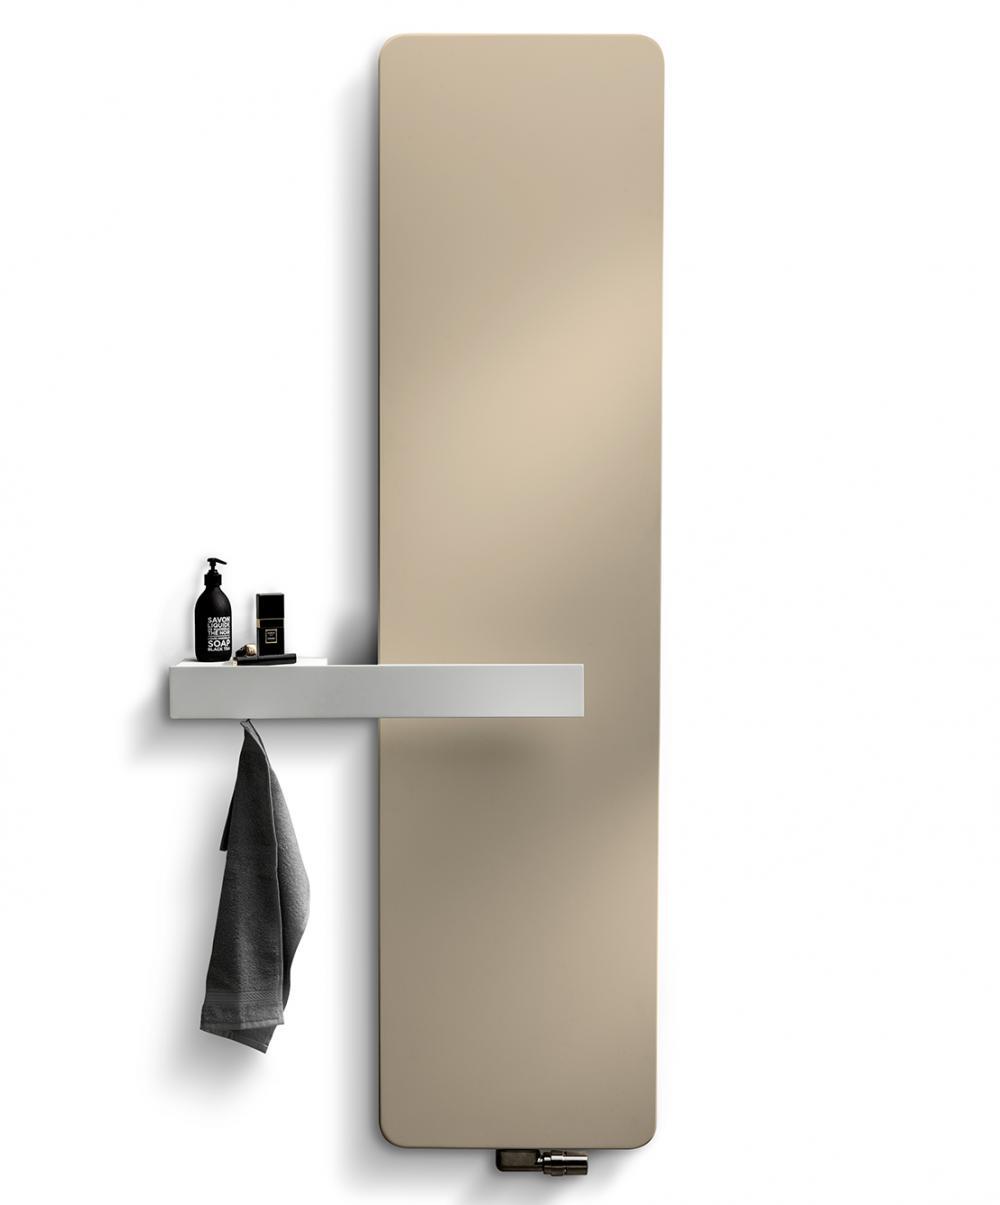 Calorifer decorativ aluminiu Vasco Oni O-NP 1800x500 mm, 795 W